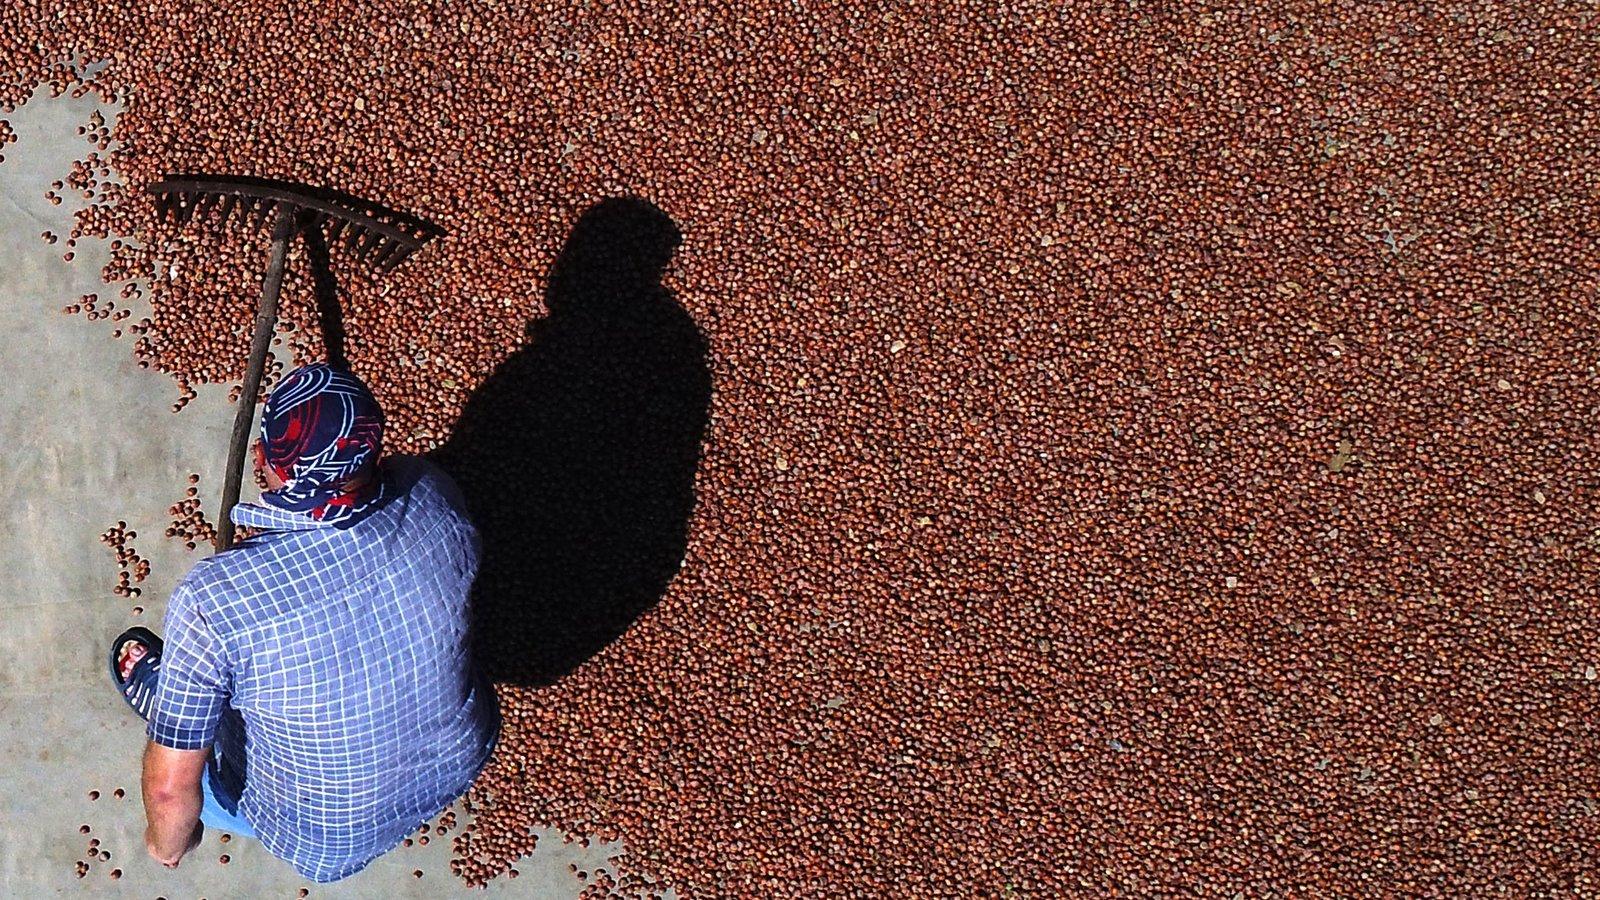 fındık üretimi ve iklim değişikliği etkisi